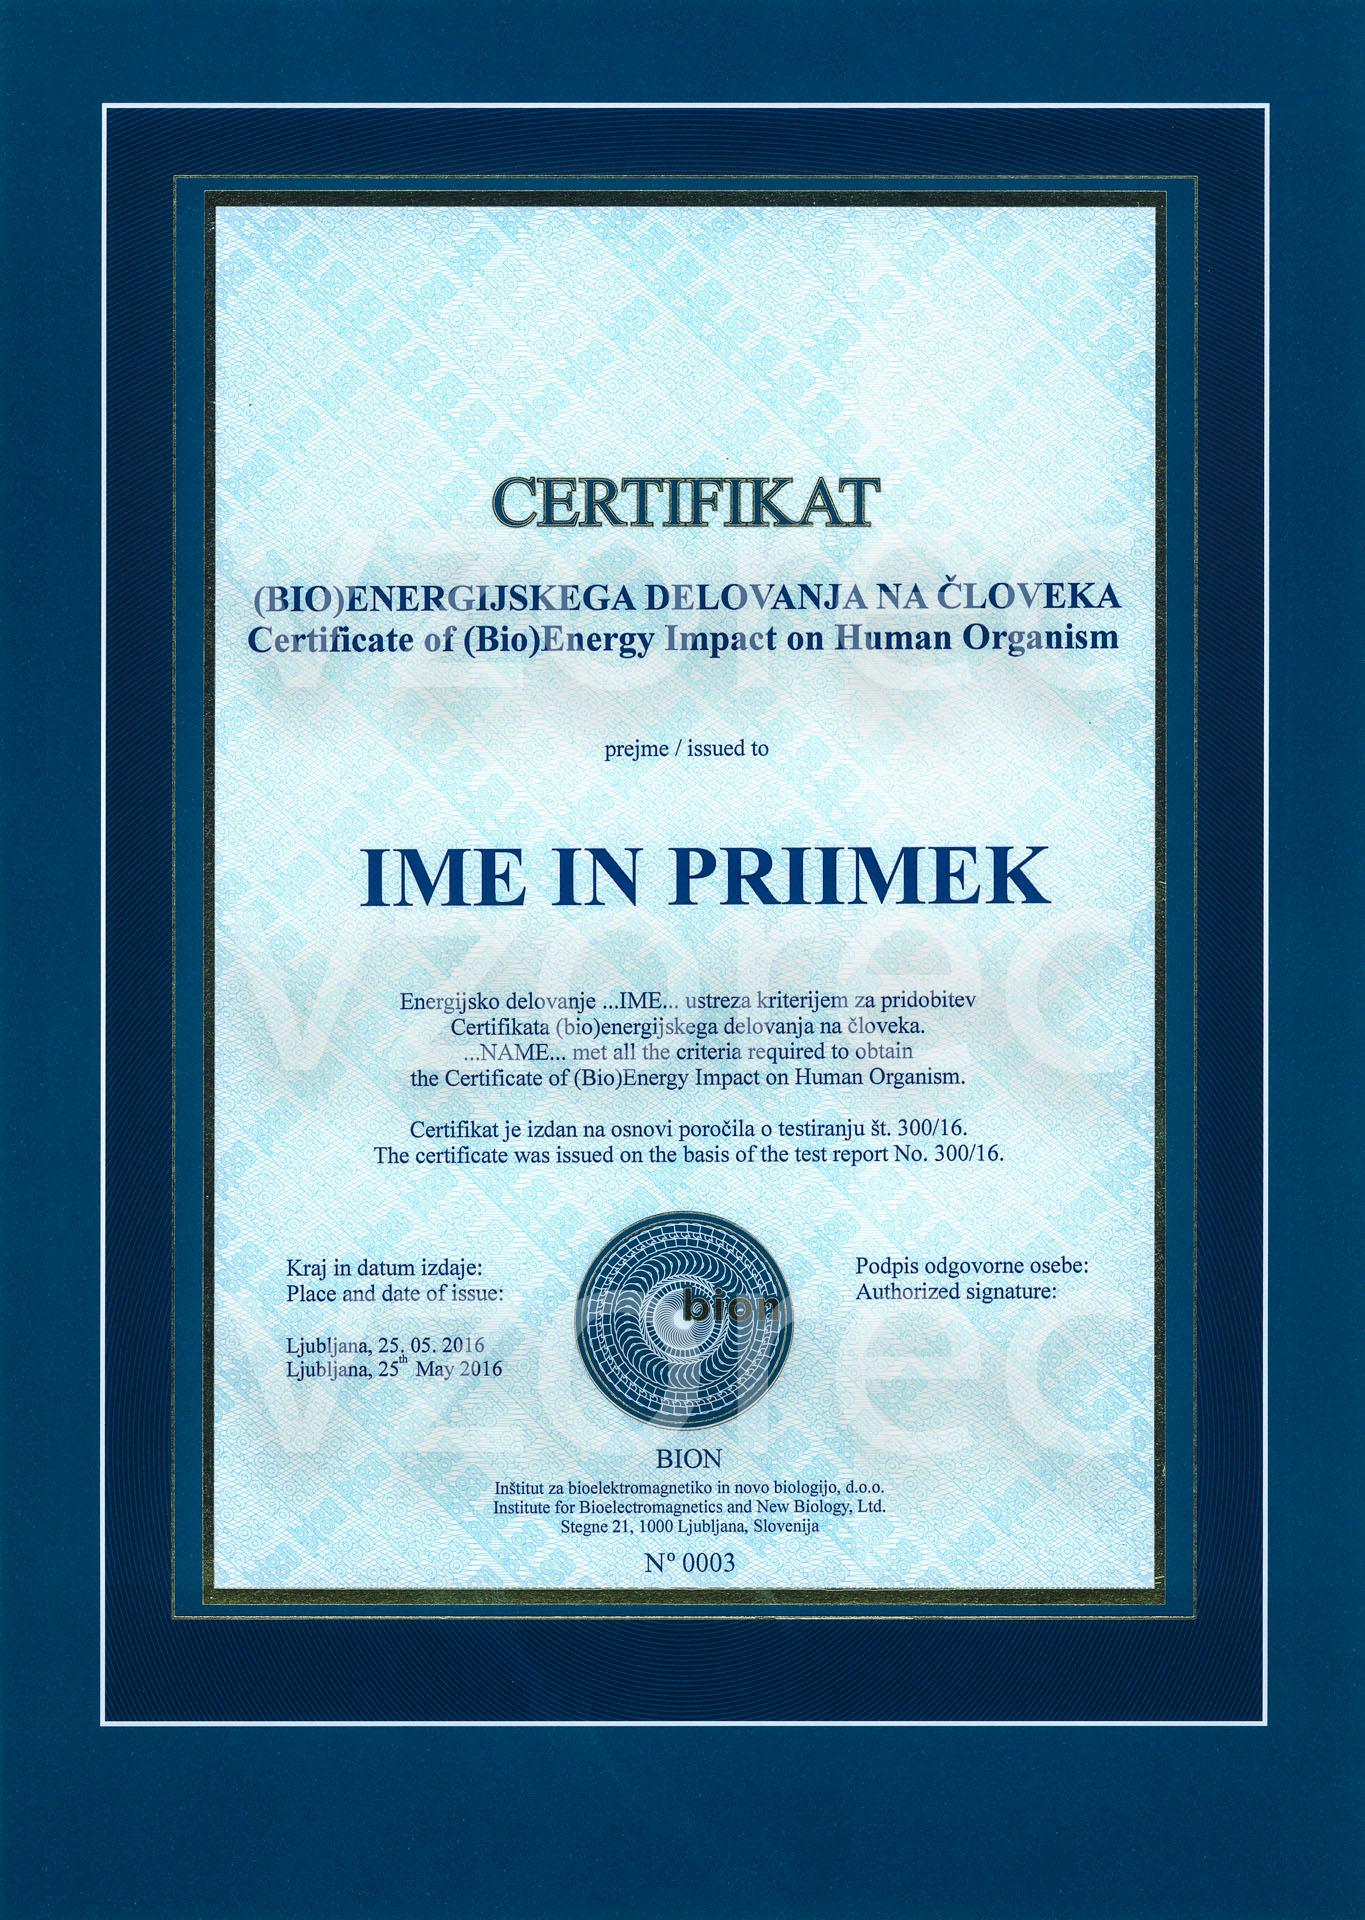 institut_bion_certifikat_bioenergijskega_delovanja_na_cloveka